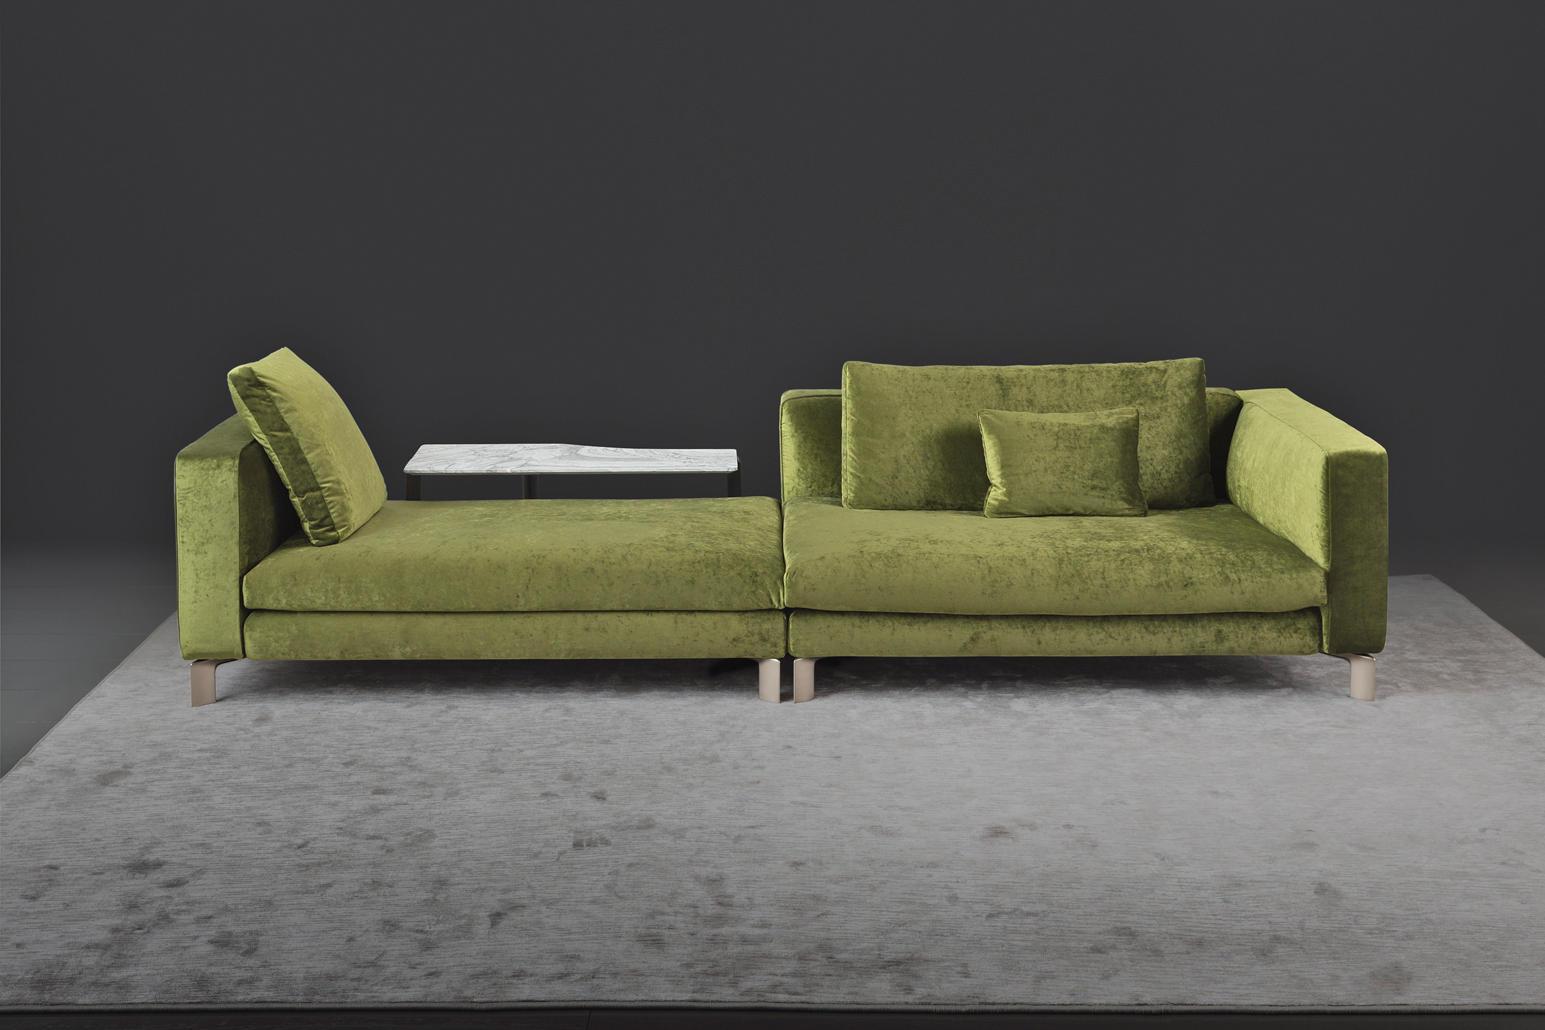 Tay Modular Sofa By Flou Sofas